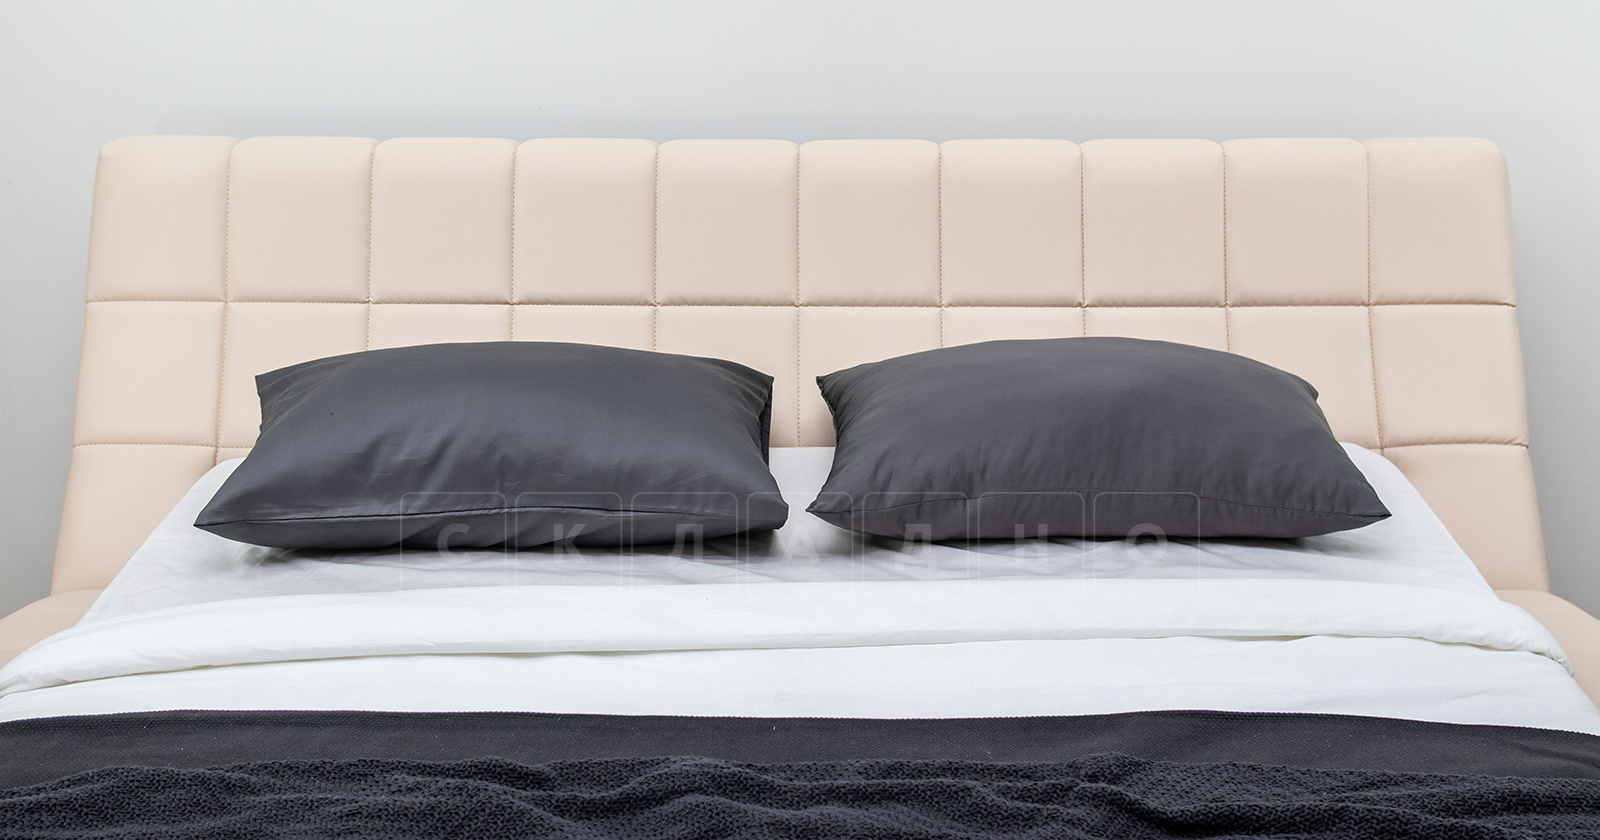 Мягкая кровать Оливия 160 см экокожа бежевый фото 14   интернет-магазин Складно